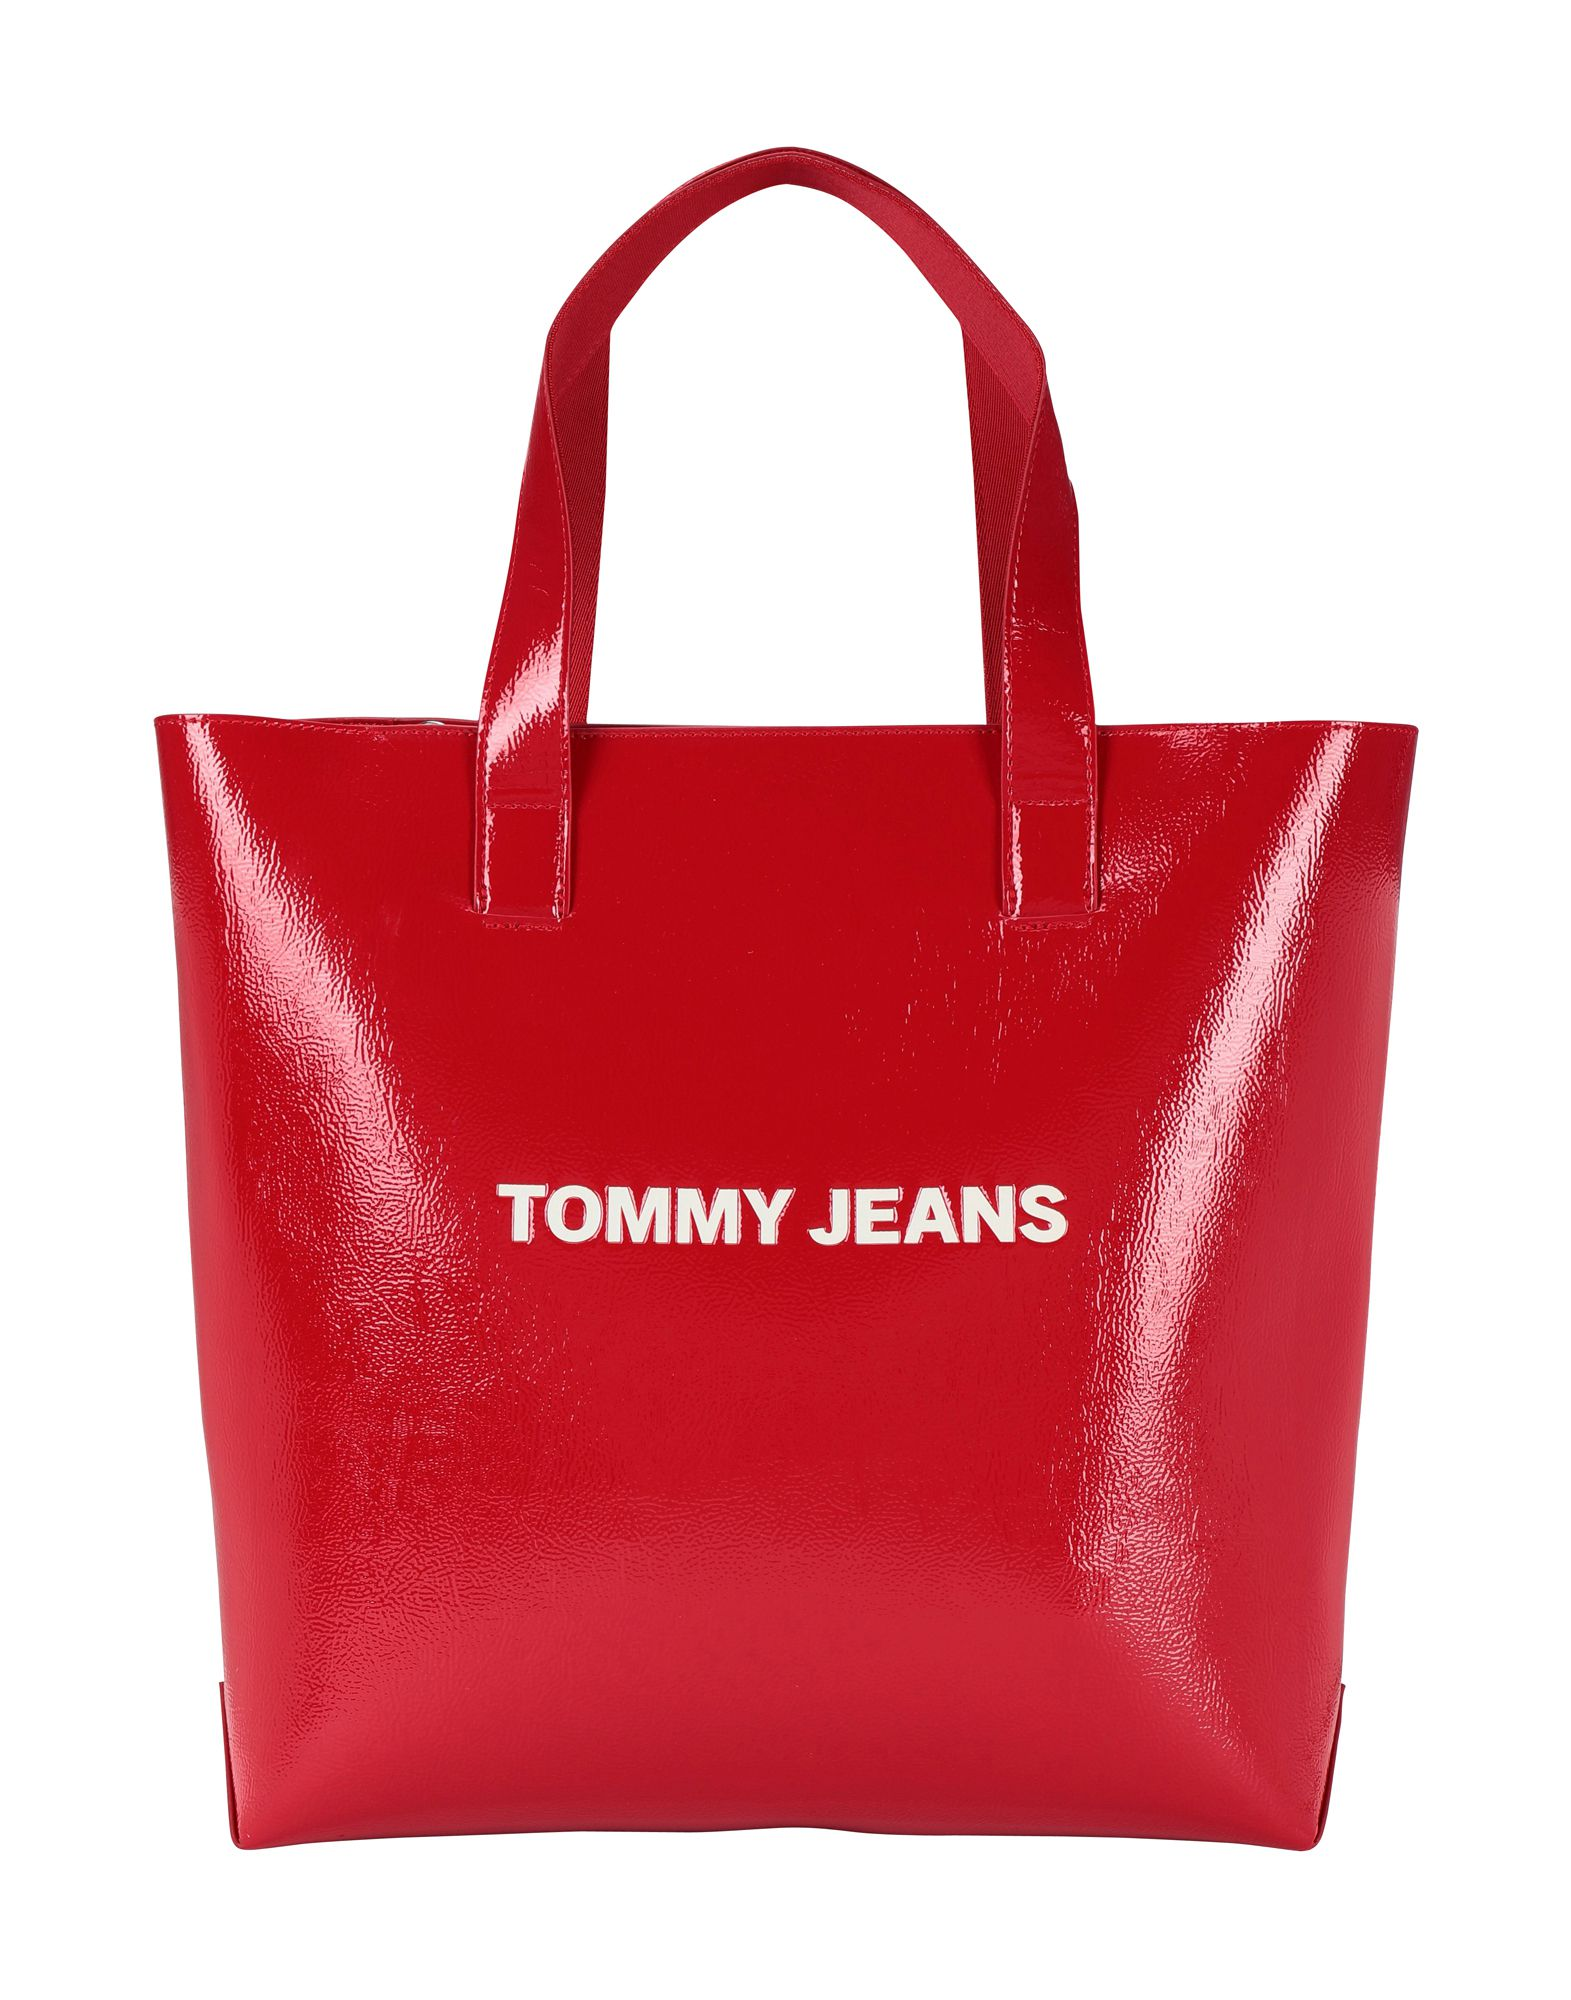 《送料無料》TOMMY JEANS レディース ハンドバッグ レッド ポリウレタン 100% TJW MODERN GIRL TOTE